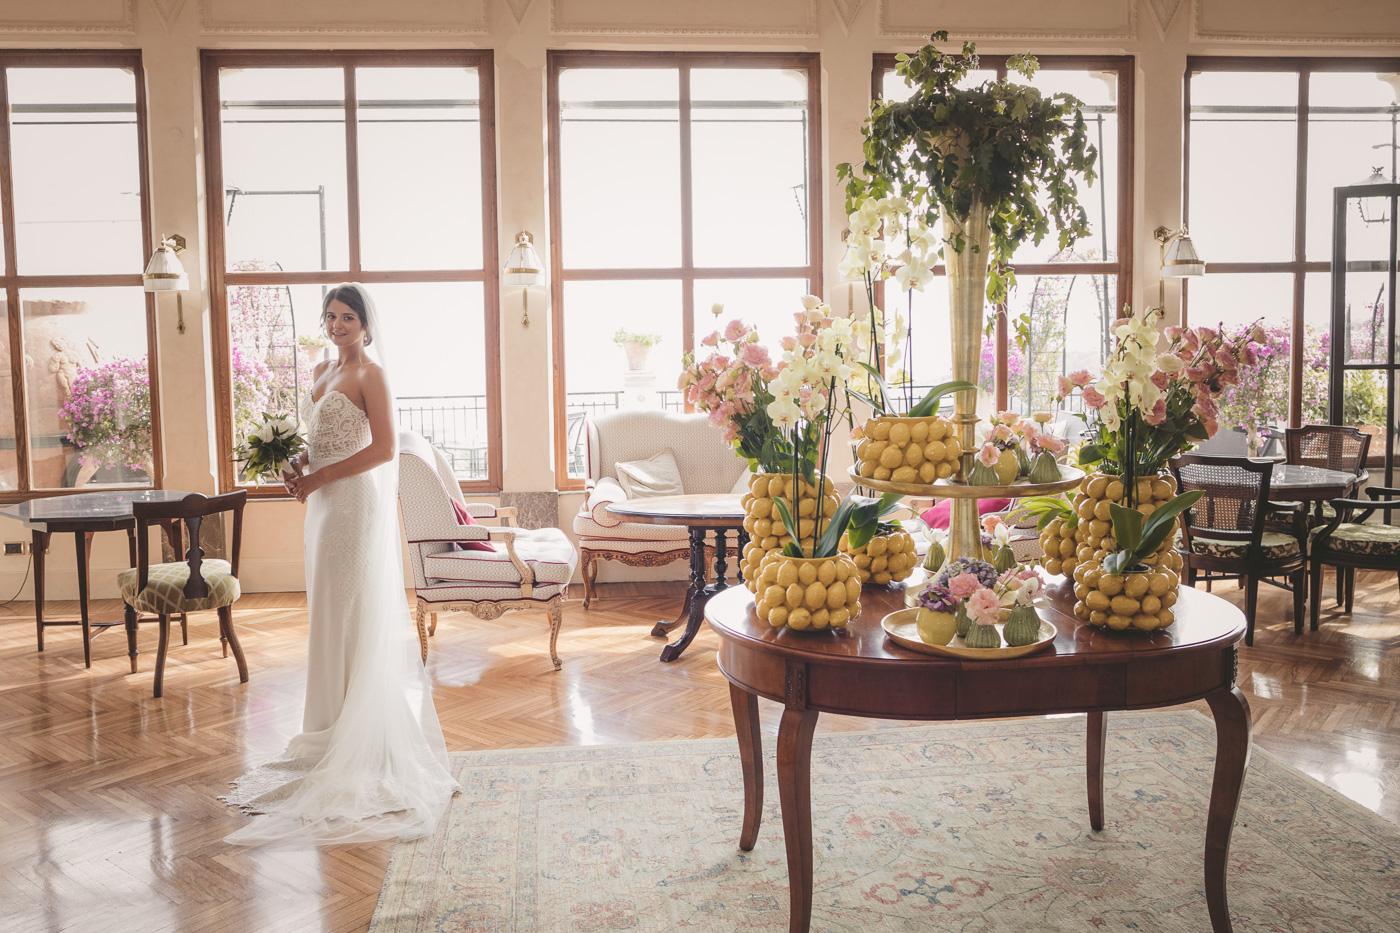 Matrimonio Irlandese Taormina_fotografo_matrimonio-belmond-timeo-foto-sposa